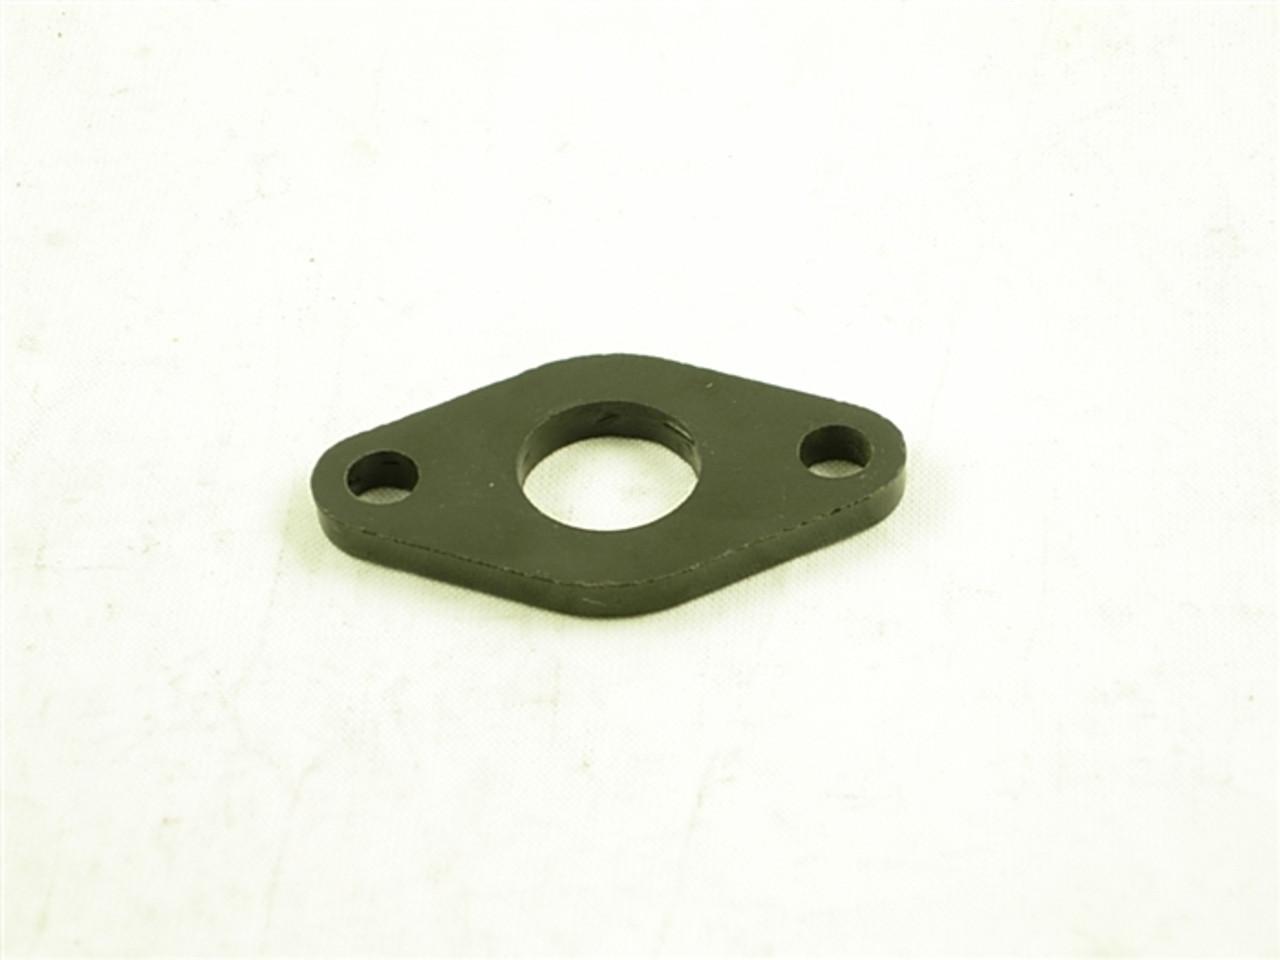 intake manifold gasket 11247-a70-5